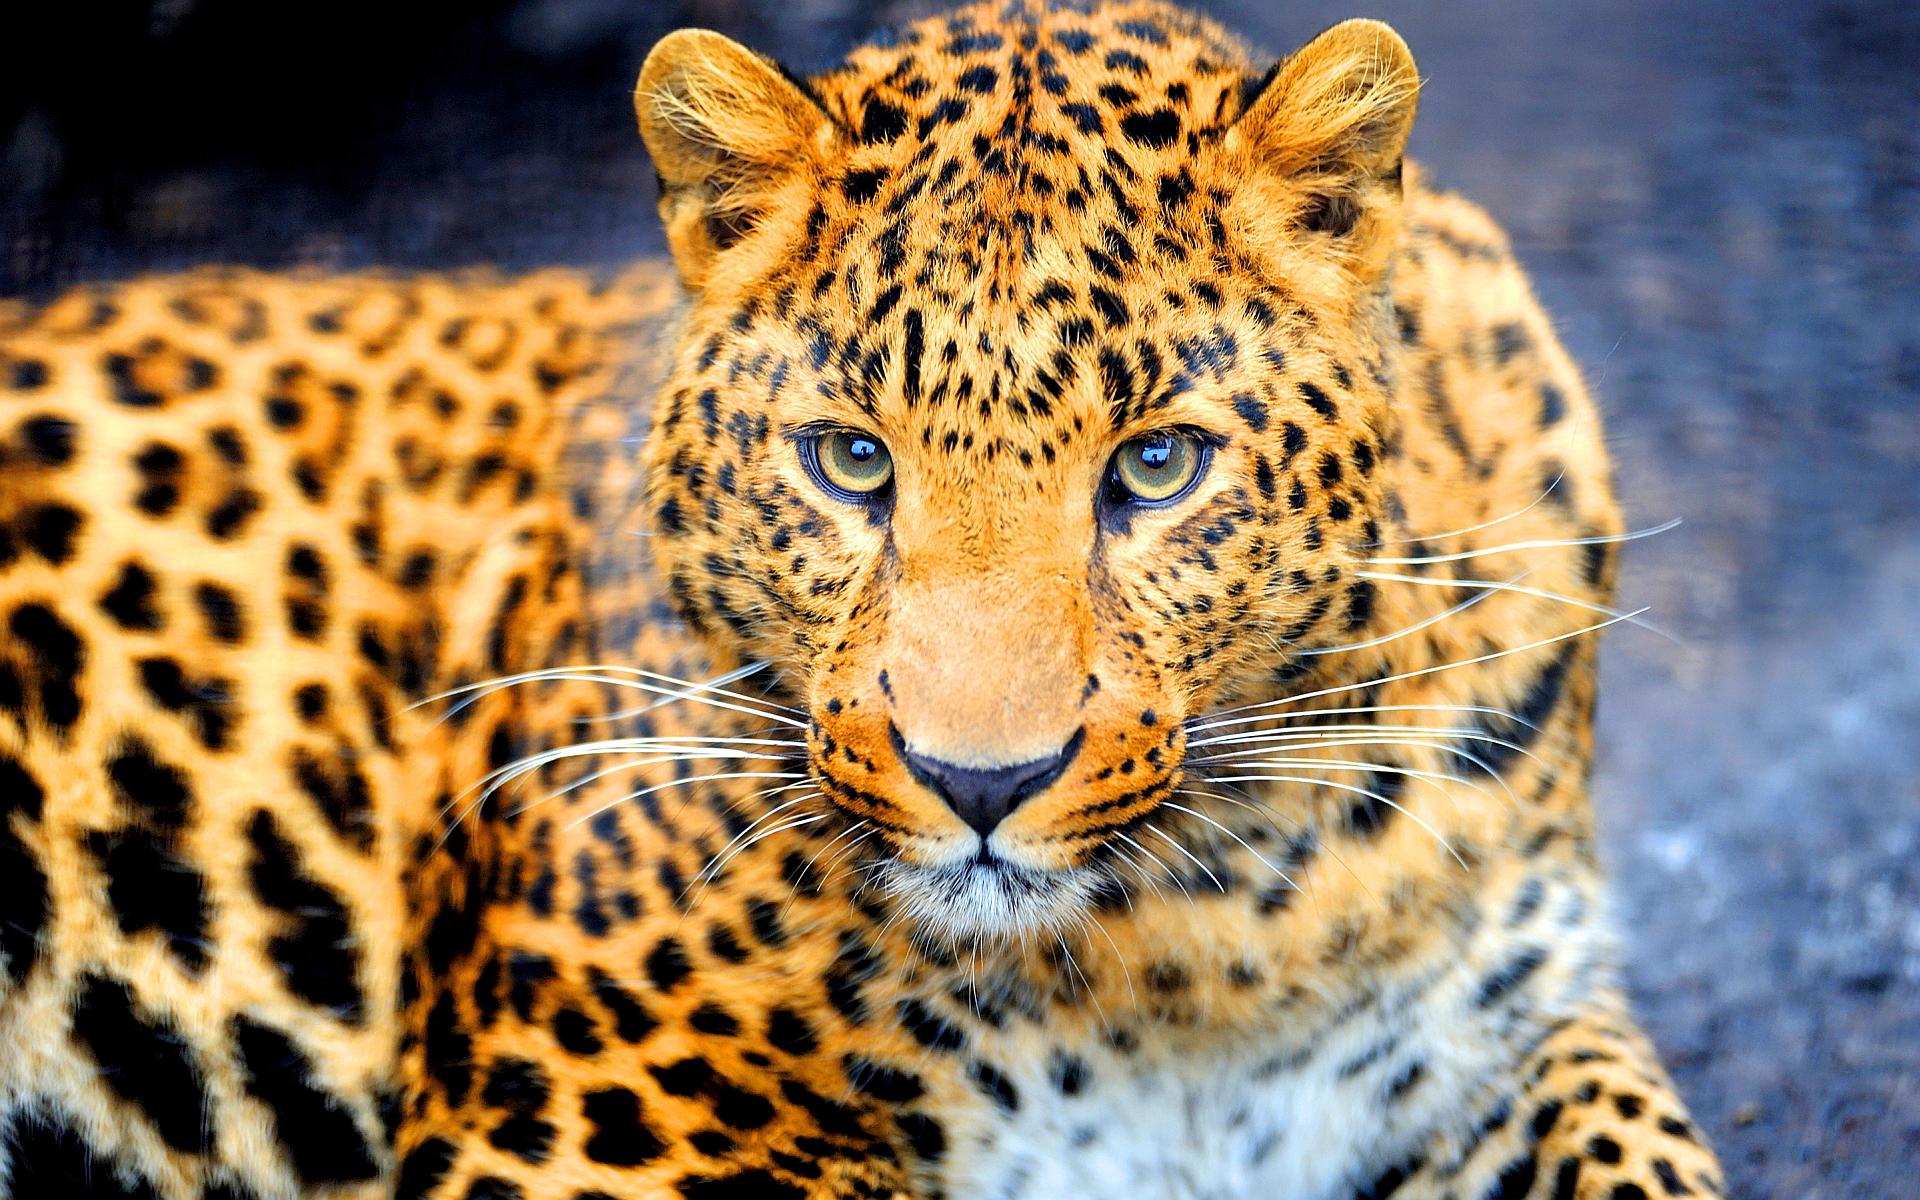 Jaguar wallpapers free download